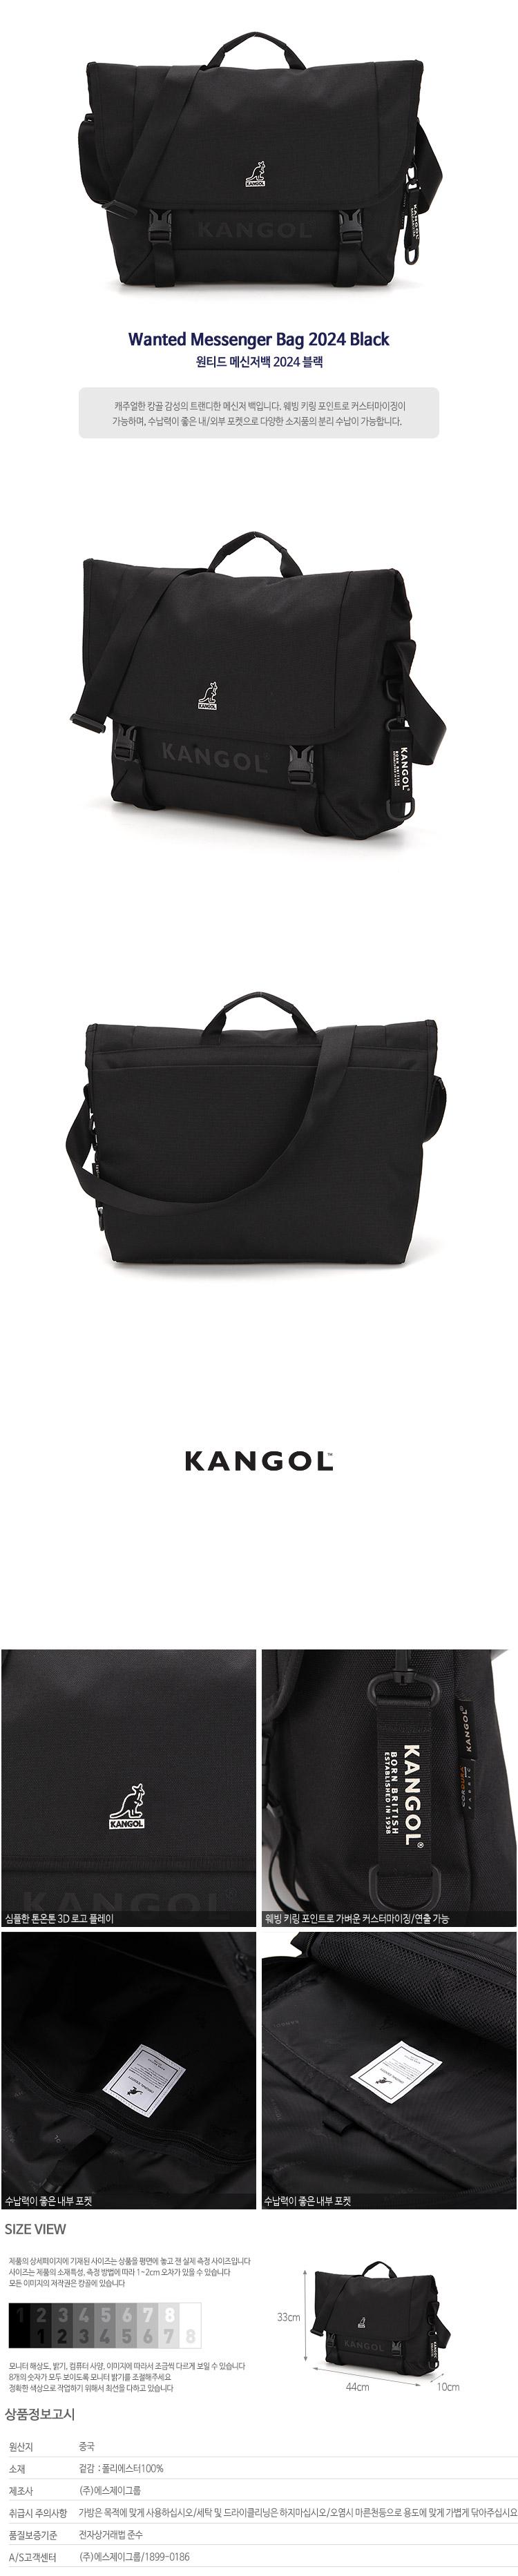 Wanted Messenger Bag 2024 BLACK